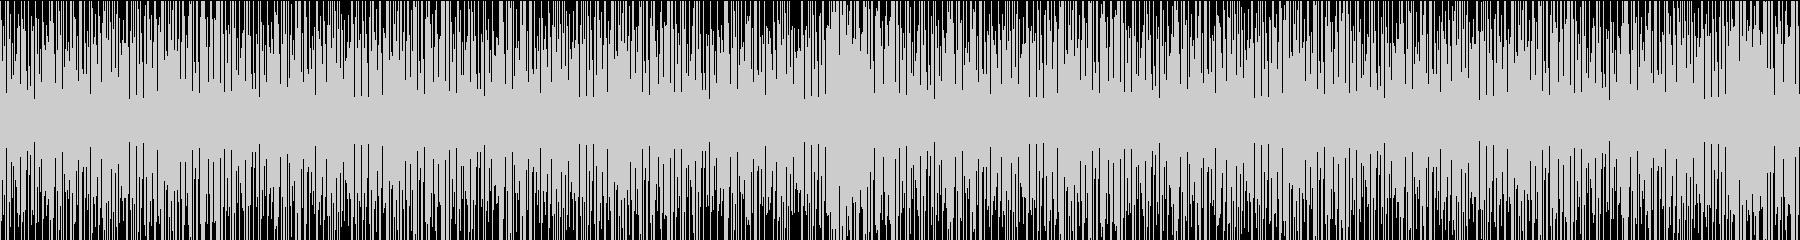 陽気なブラスサンバカーニバルループの未再生の波形